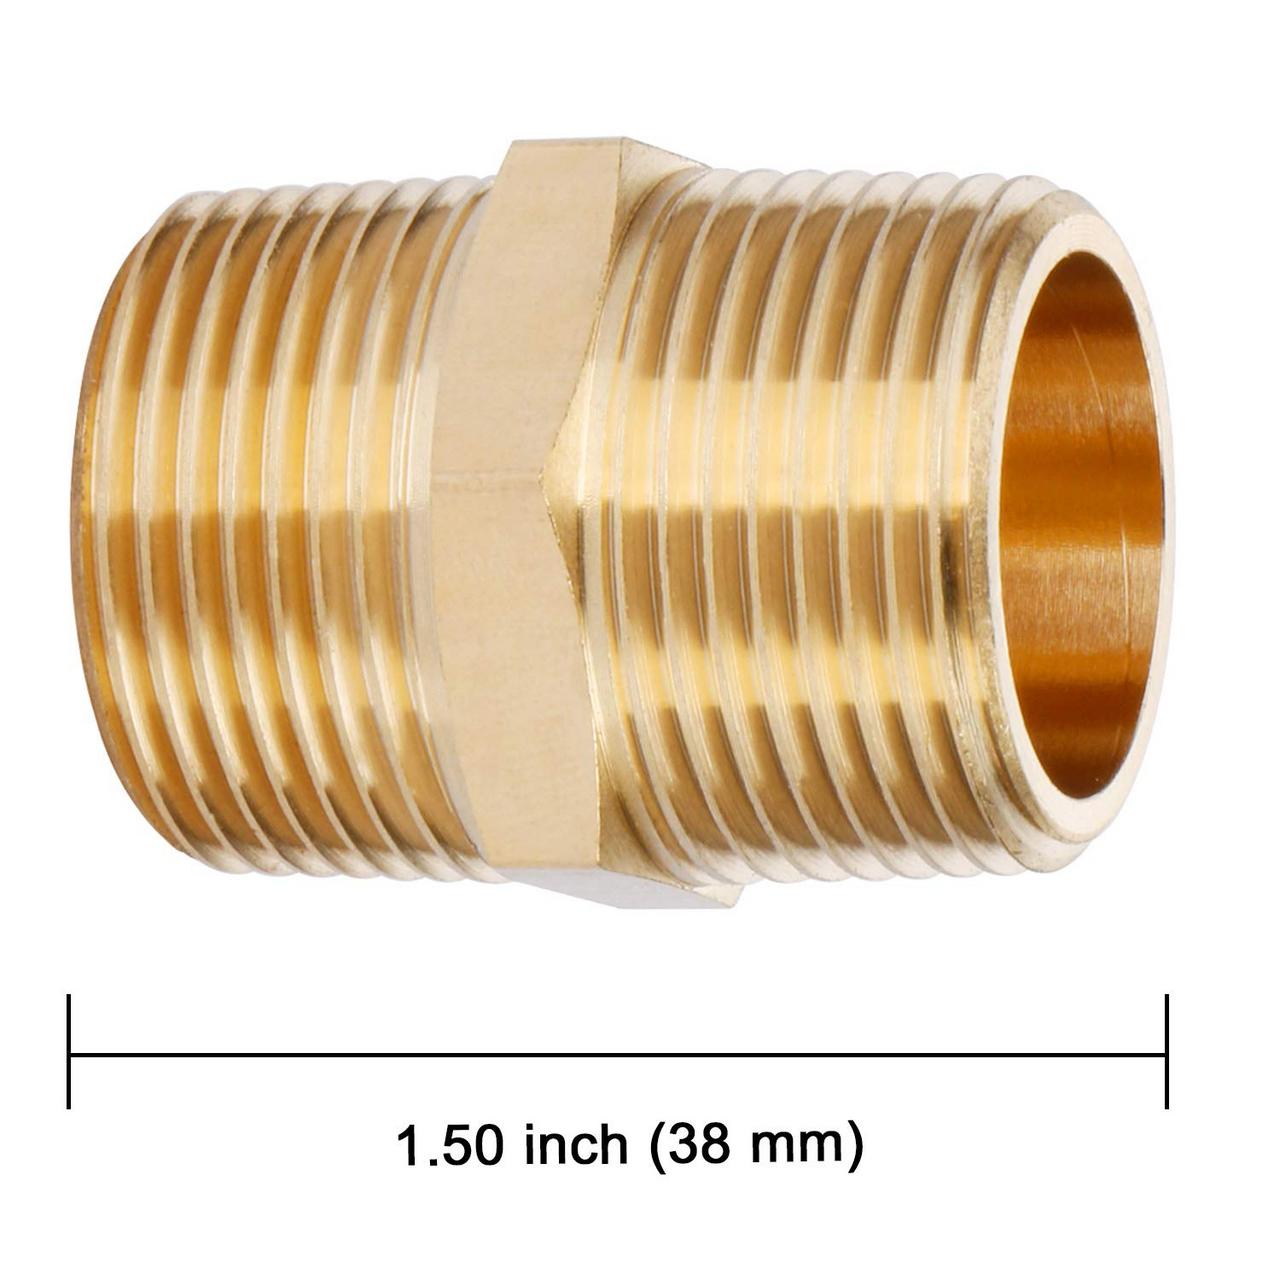 """U.S. Solid Brass Hex Nipple - 3/4"""" x 3/4"""" NPT Male Pipe Fitting Adapter 2pcs"""